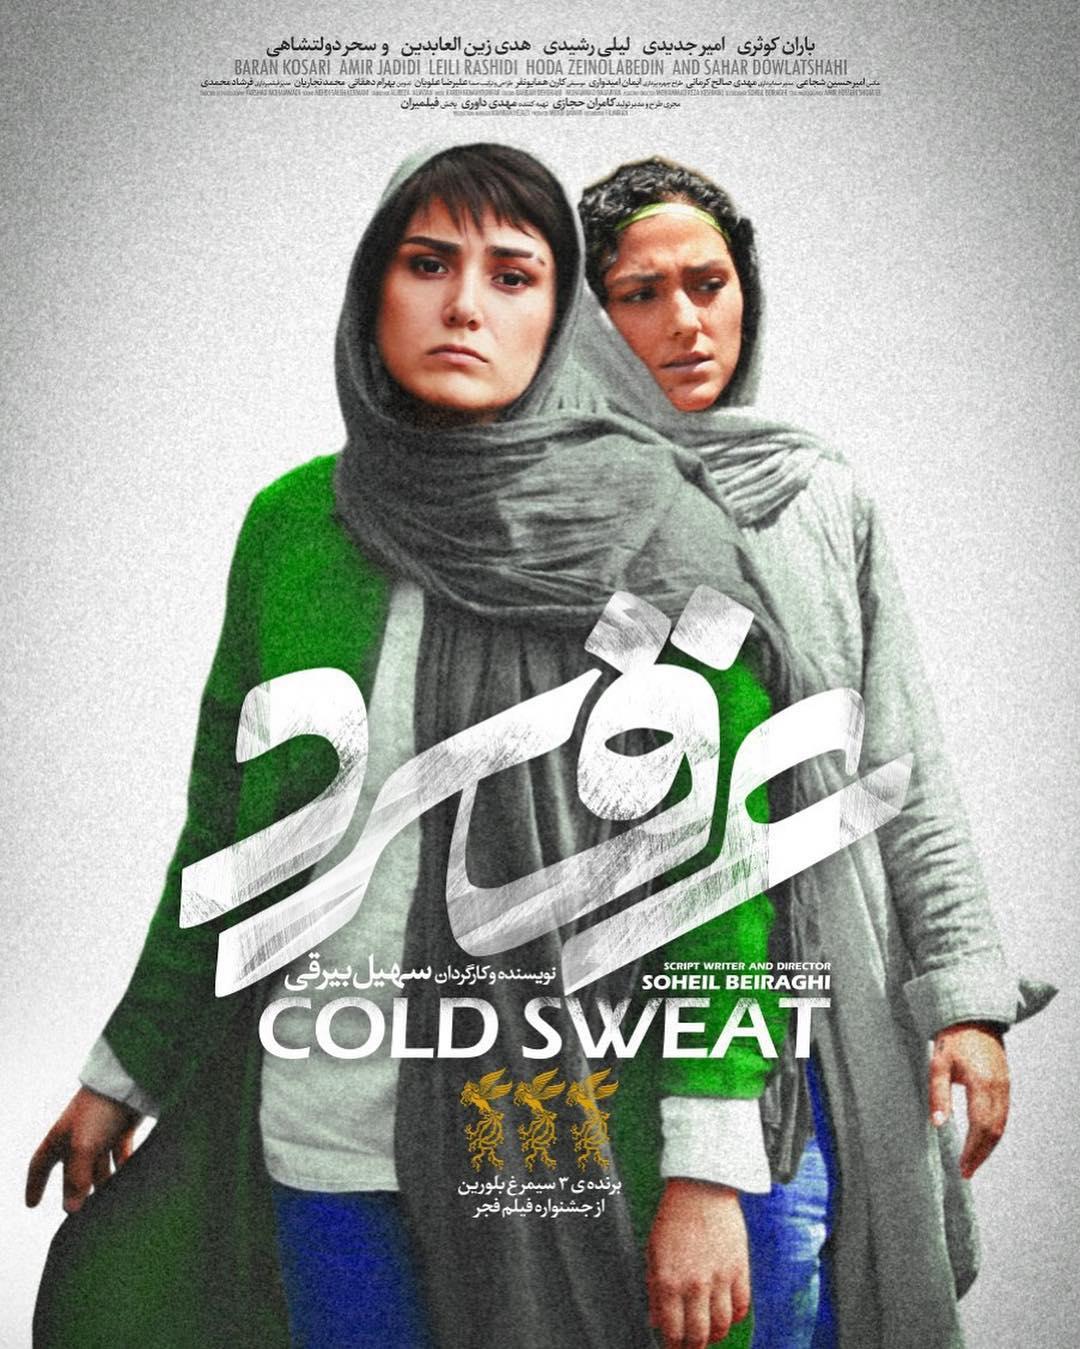 زنان پشت مرزها؛ نقد و بررسی فیلم عرق سرد